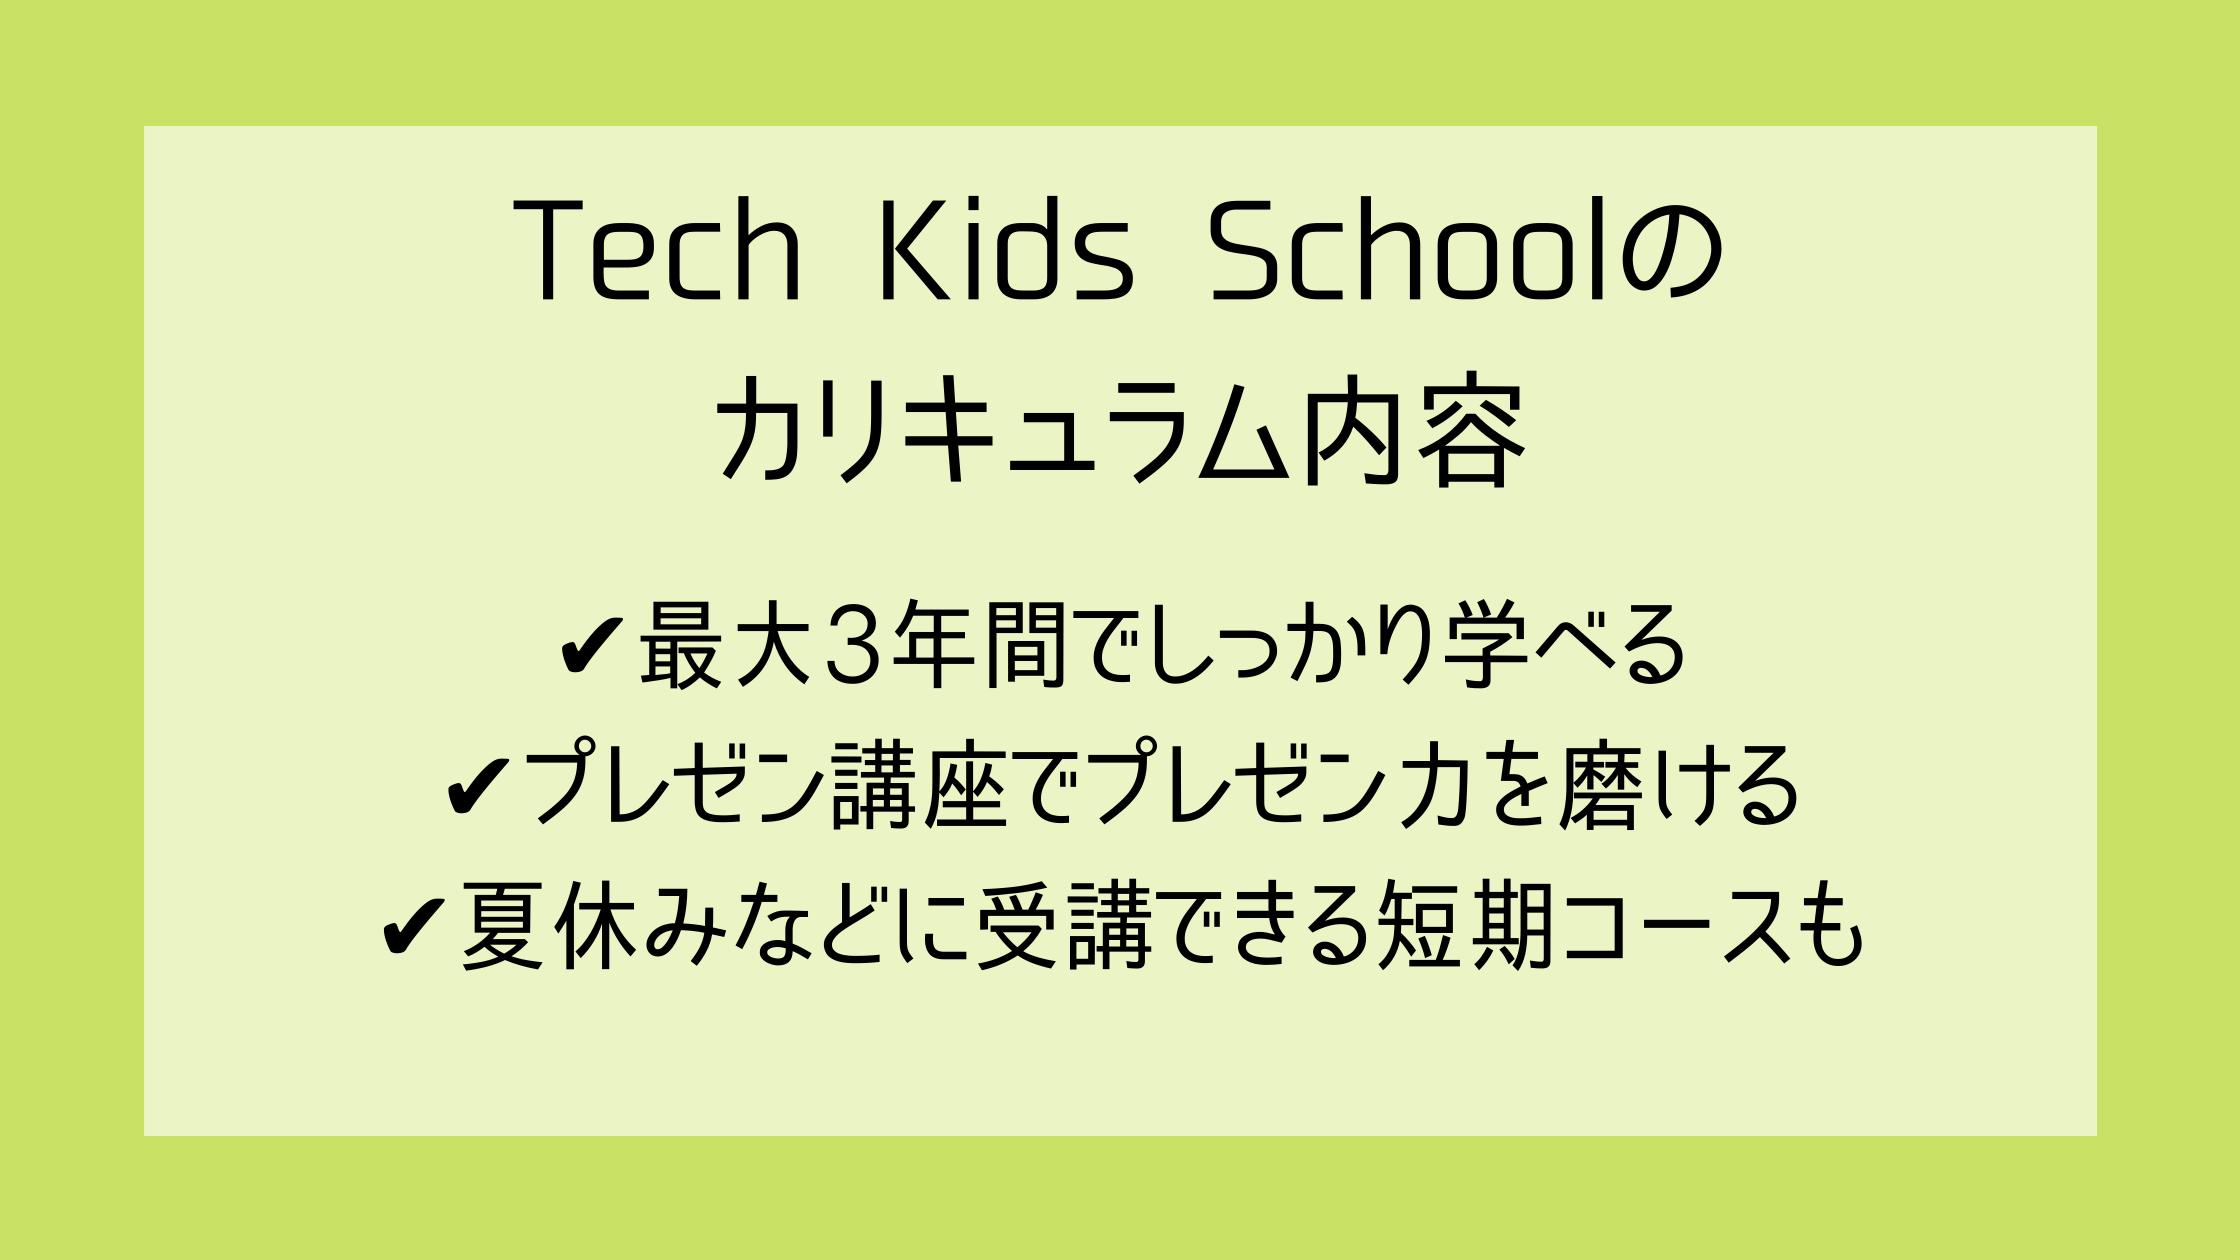 テックキッズスクールのカリキュラム内容